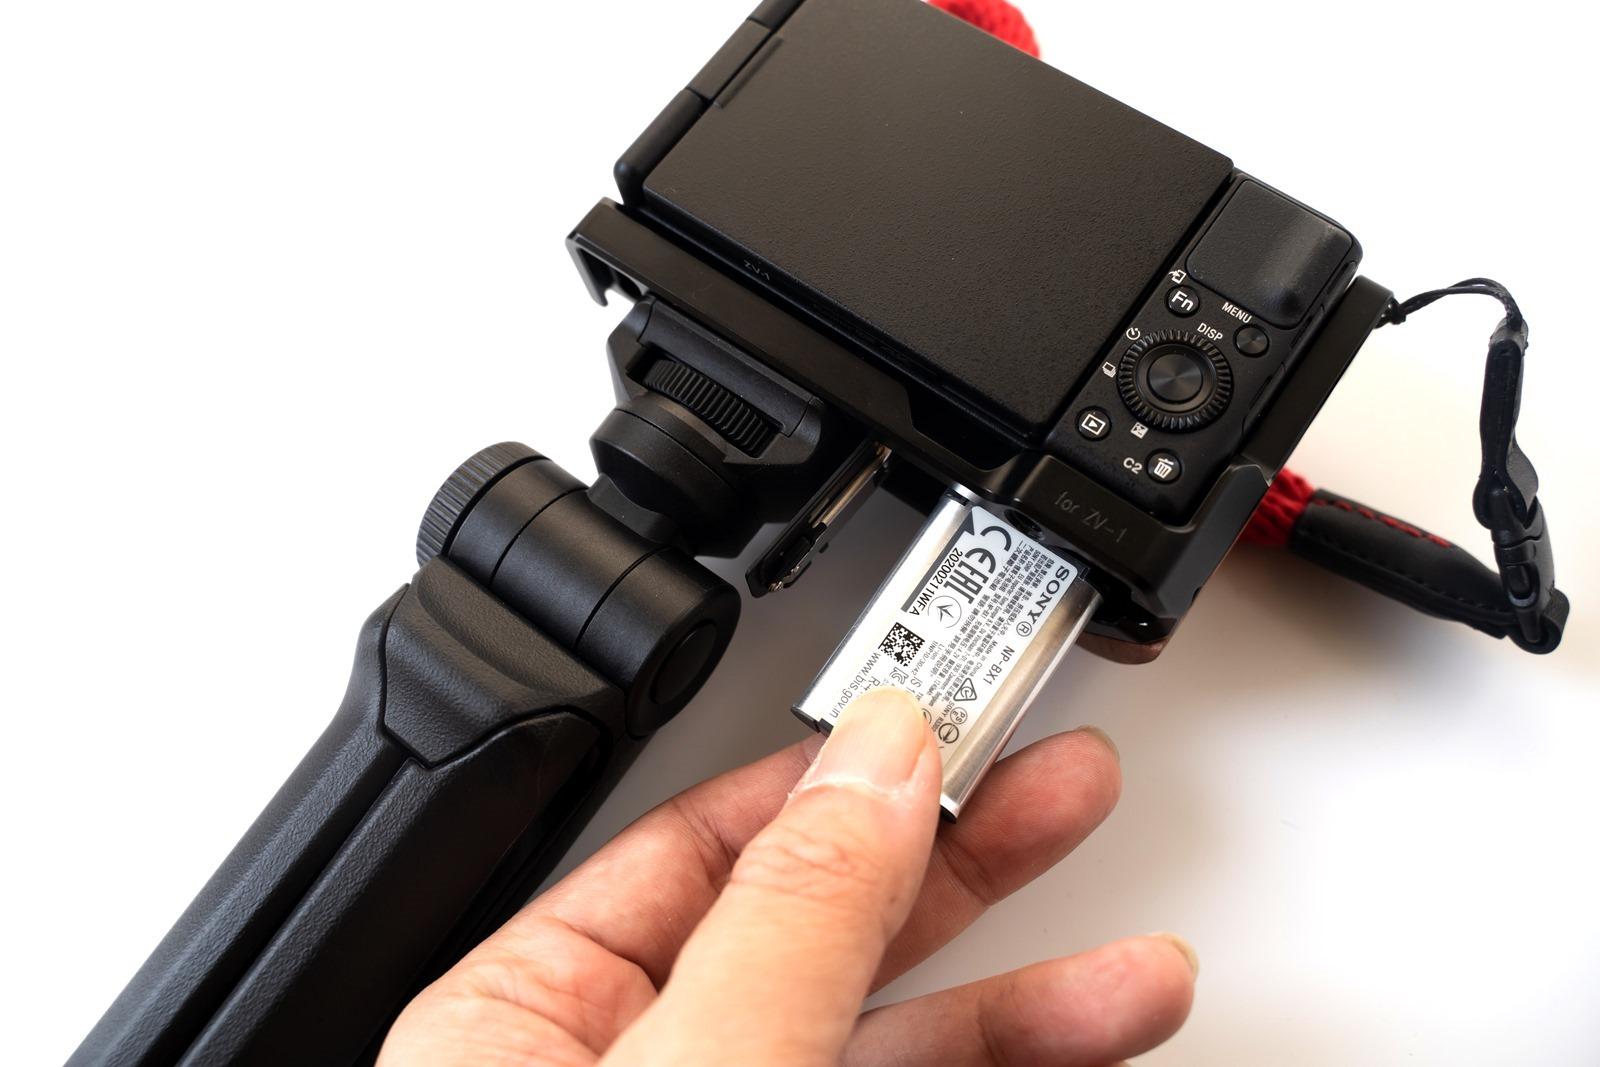 讓 Sony ZV-1 更好用的 SmallRig 配件開箱分享 (SmallRig Cage with Wooden Handgrip for Sony ZV-1 2937) @3C 達人廖阿輝